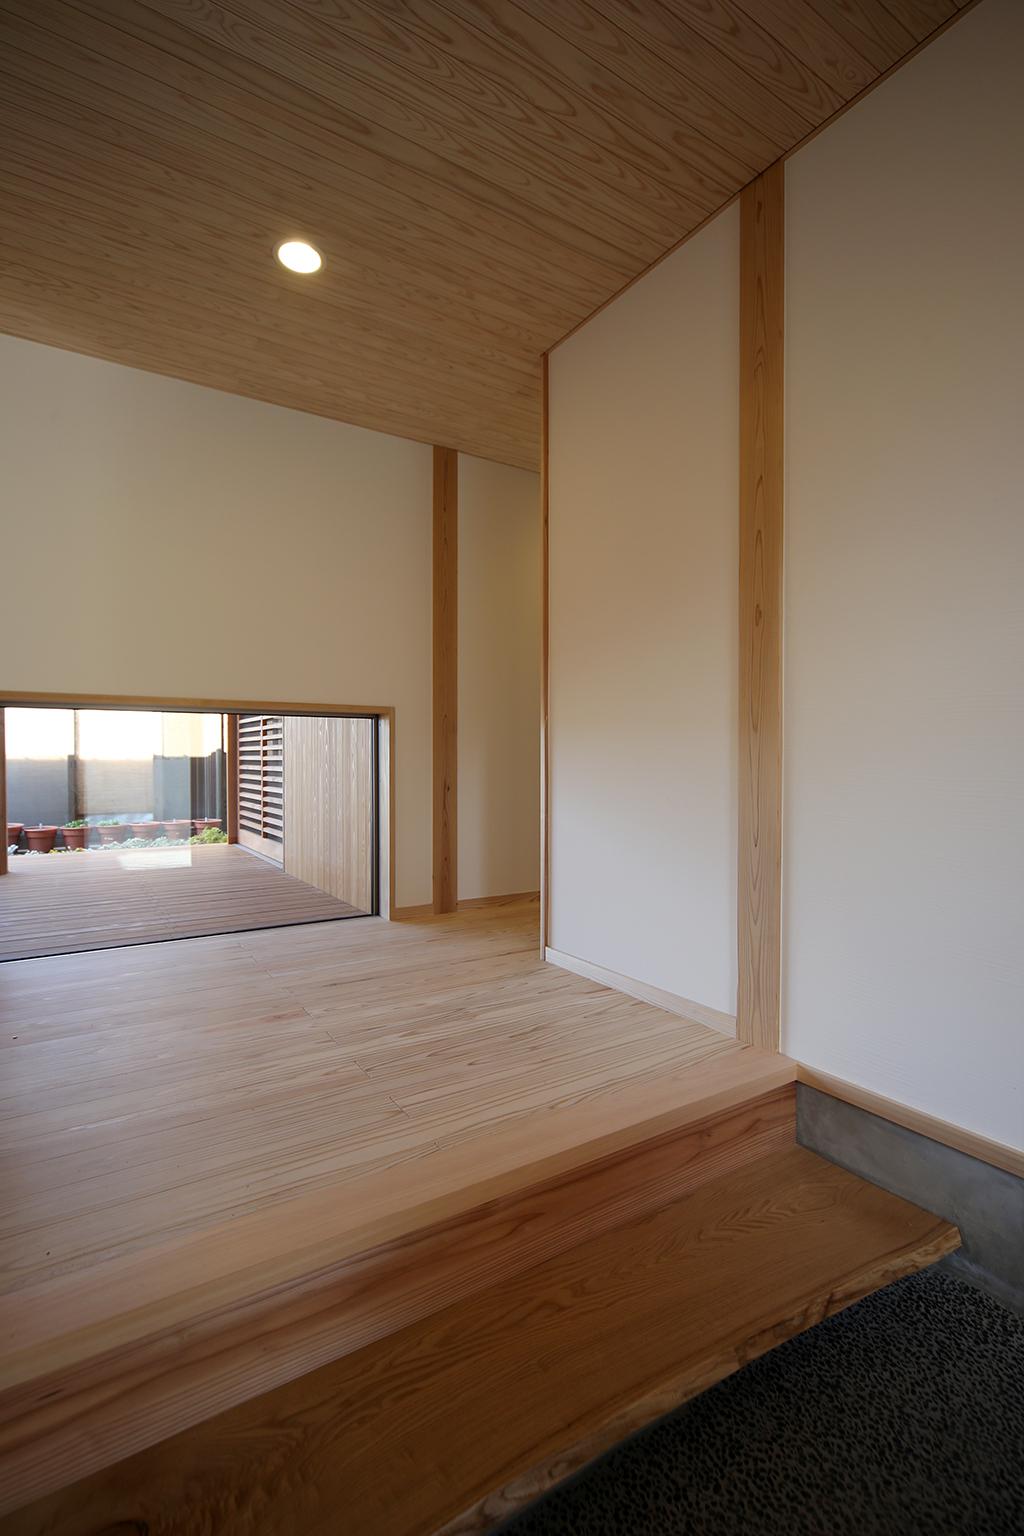 高砂市の木の家 正面の窓からインナーデッキが見える